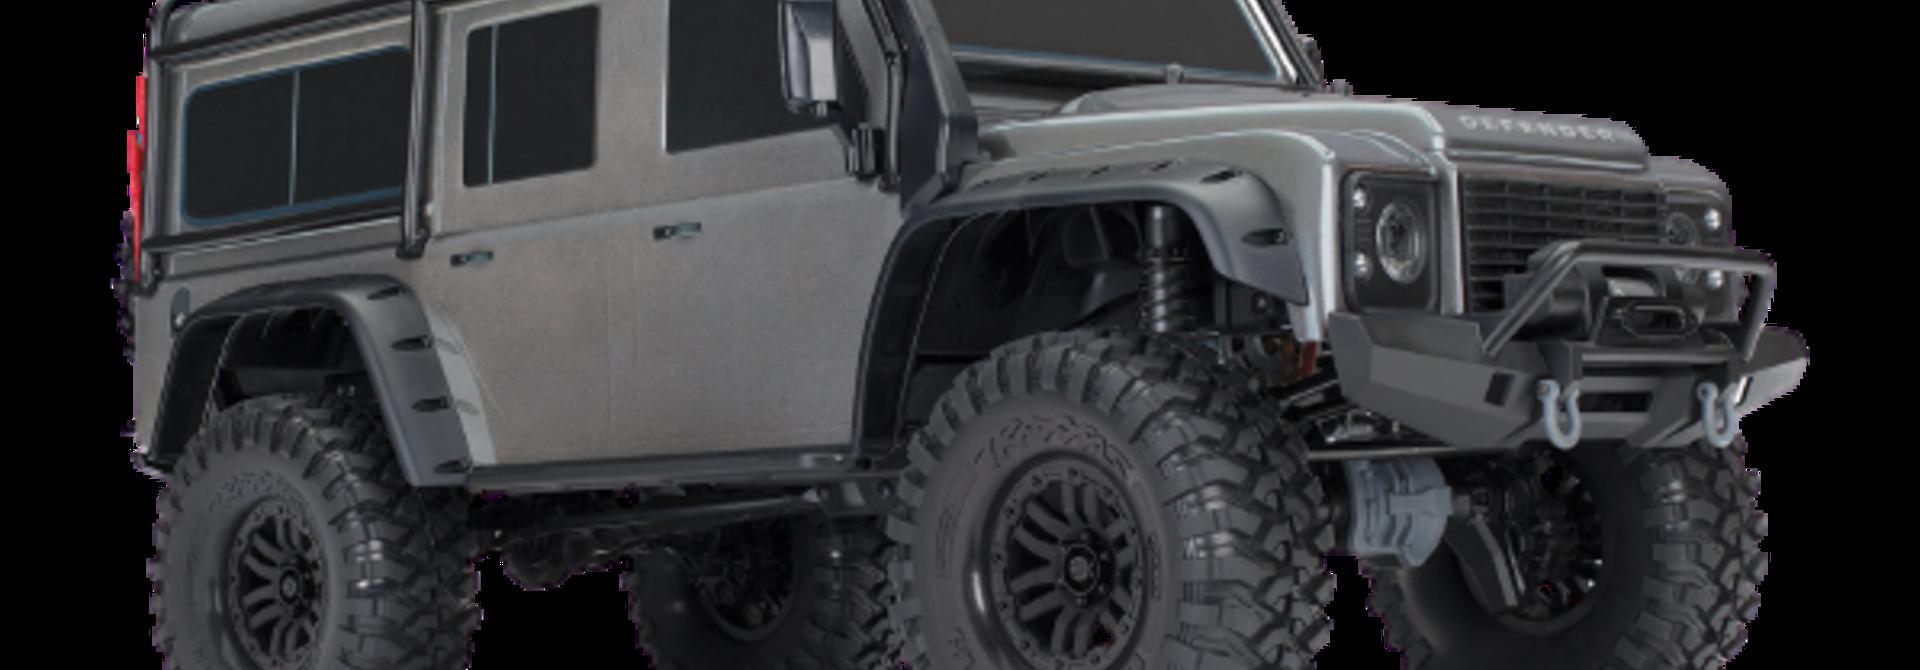 Traxxas Land Rover Defender Crawler Silver TRX82056-4S